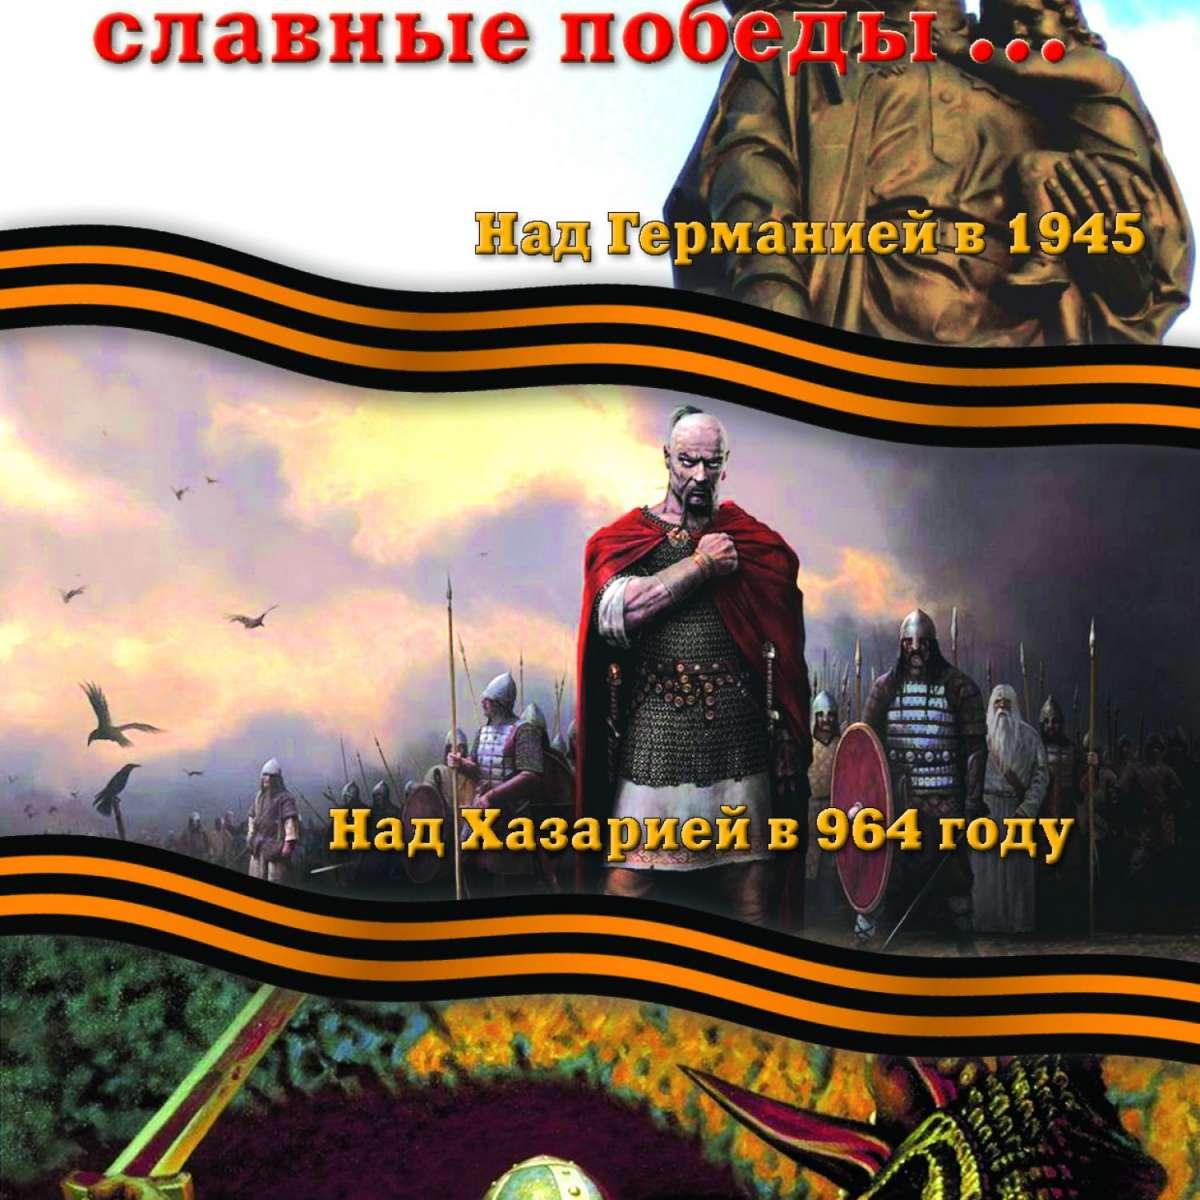 Мы помним славные Победы!